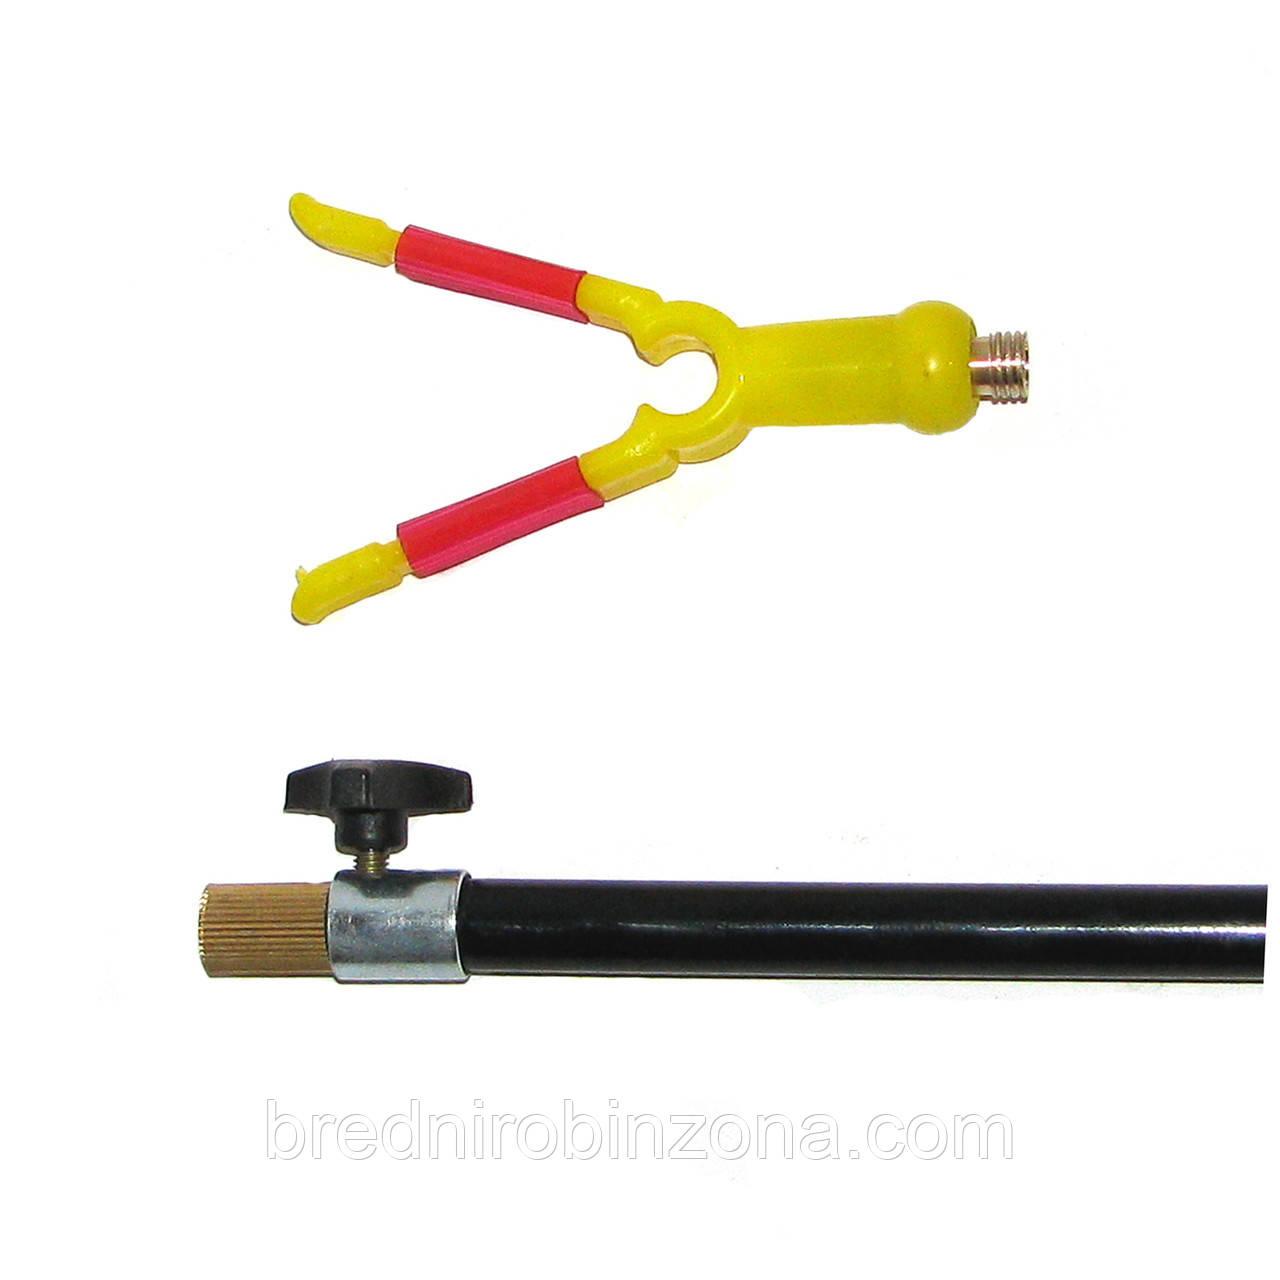 Телескопическая подставка под удочку  1.3м (рогачик желтый)